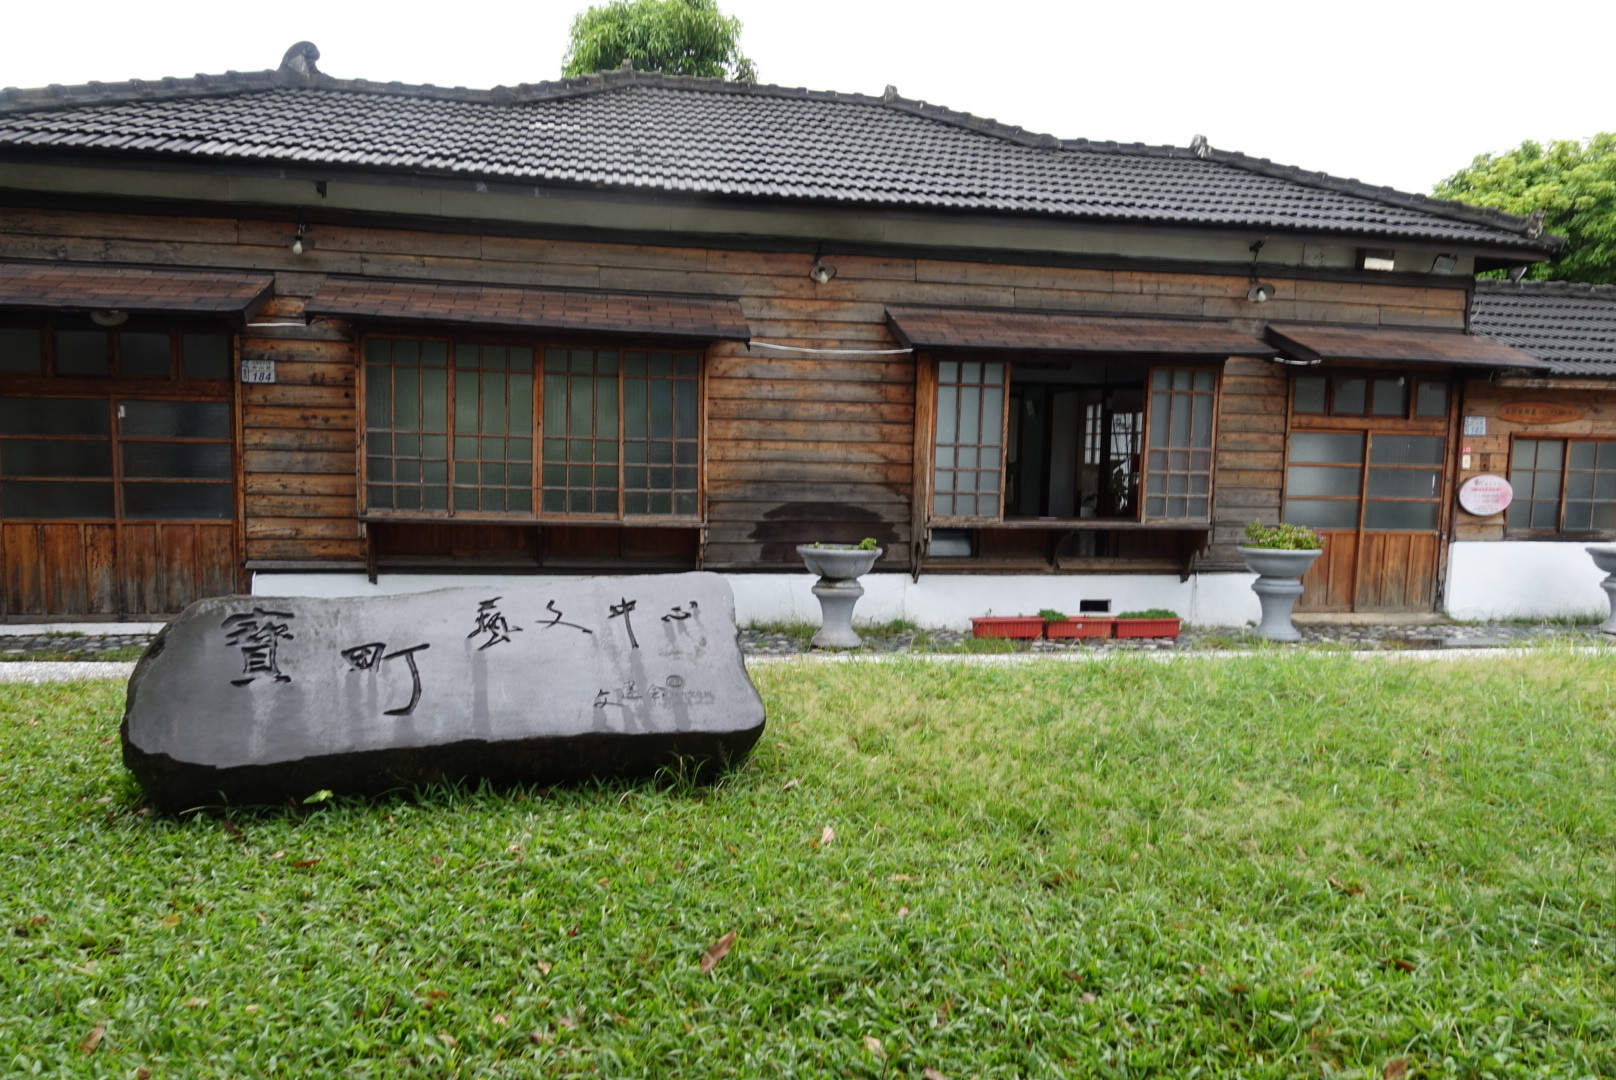 【台東市區】寶町藝文中心|日式老建築中體驗文藝氣息|免費景點